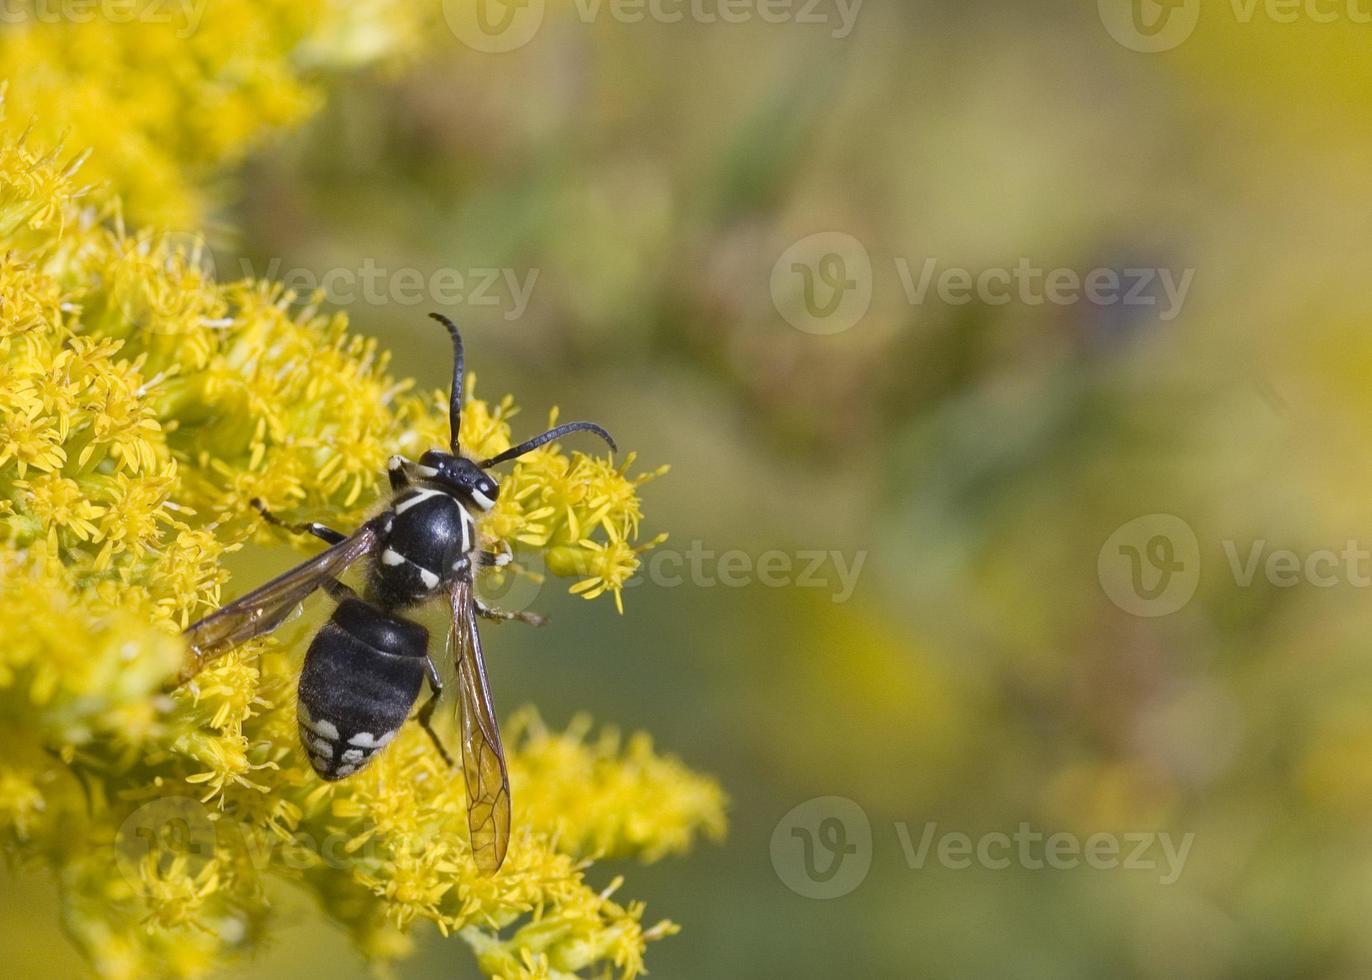 avispón de cara calva (vespula maculata) foto